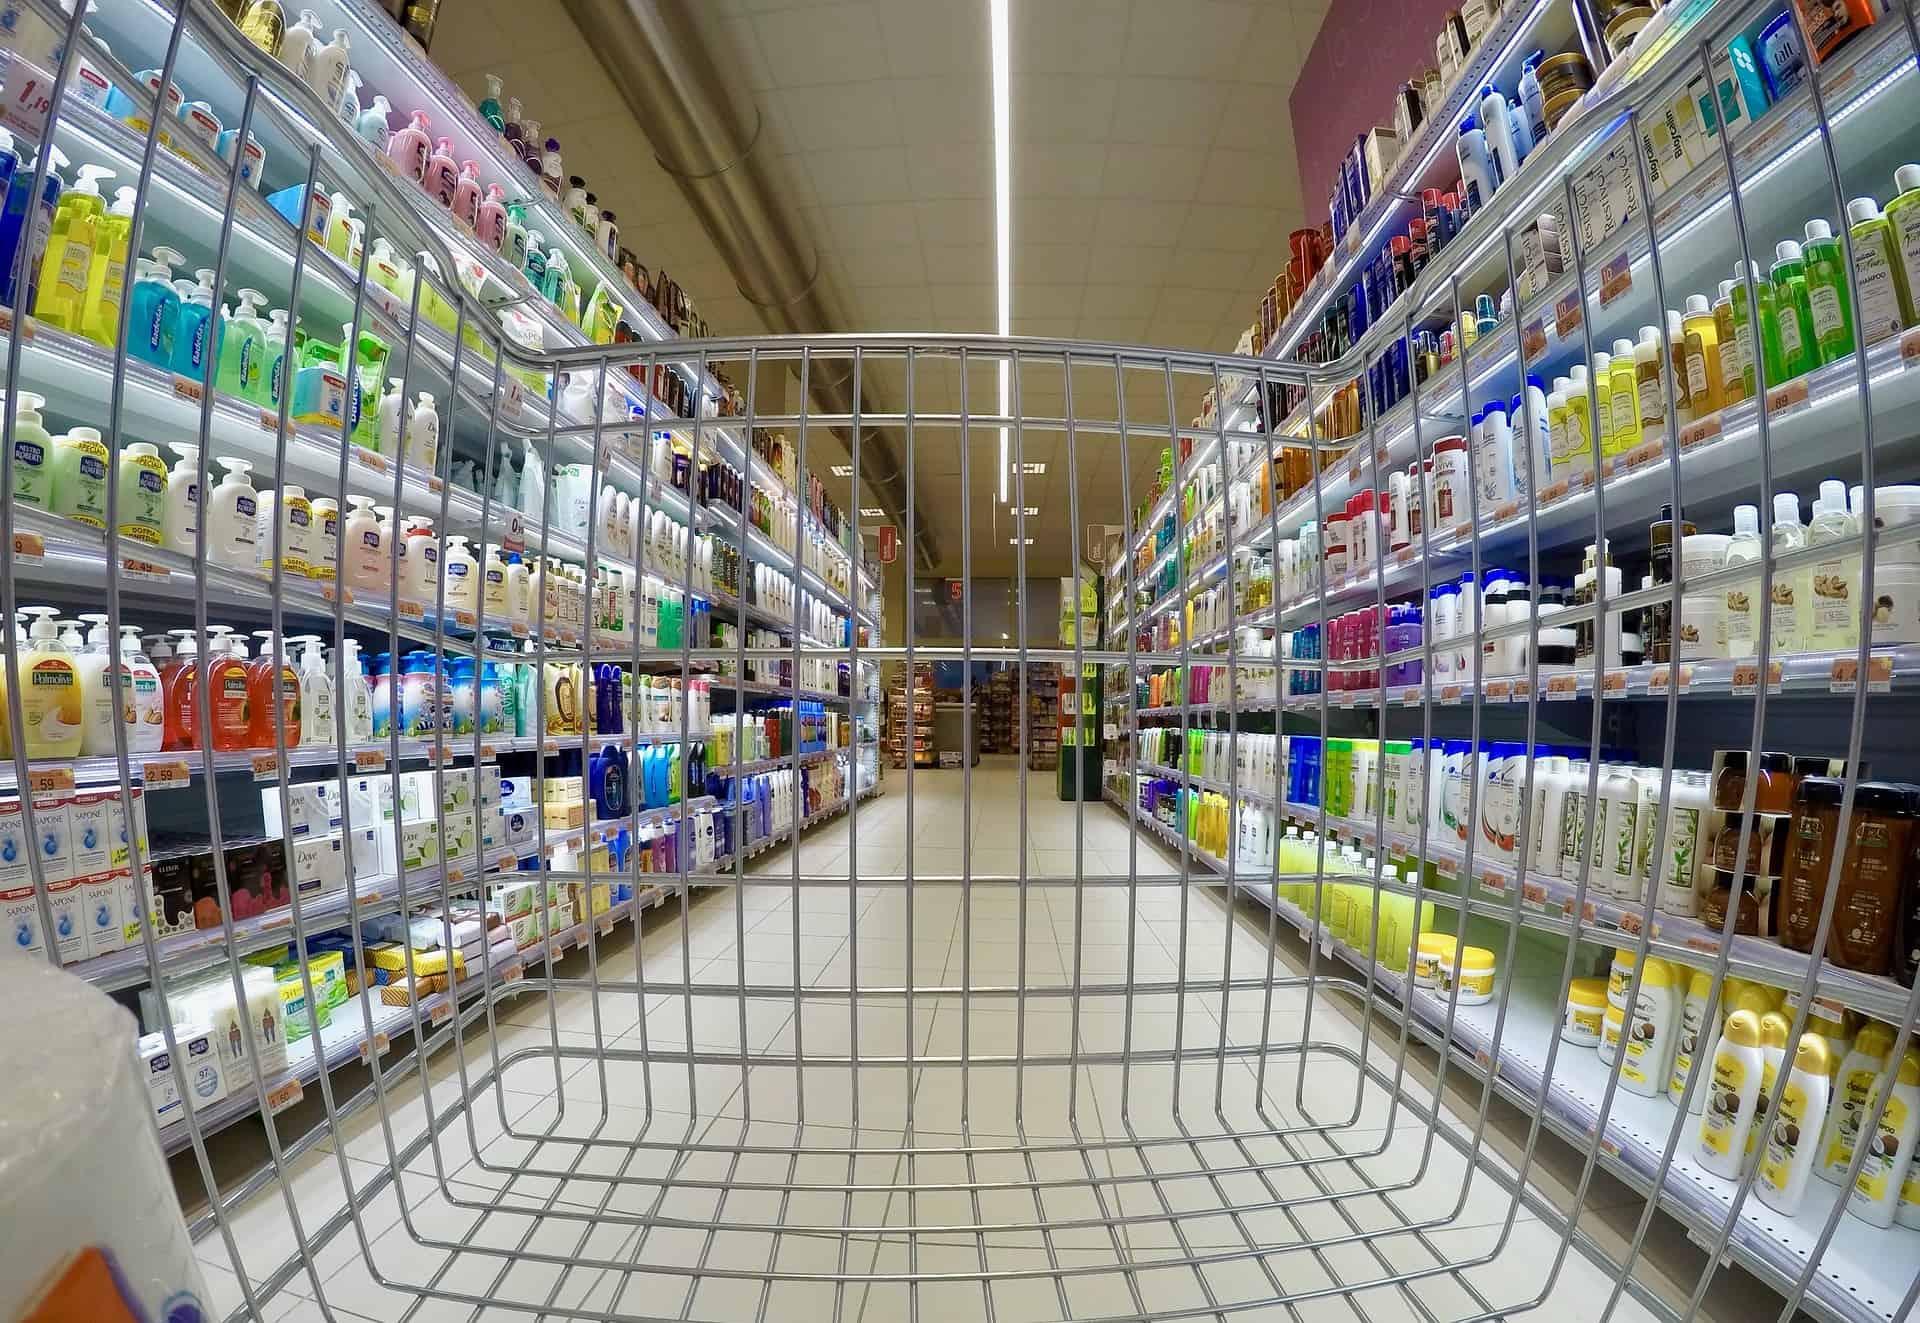 У супермаркетах закриють відділи з побутовою хімією, одягом та речами широкого вжитку